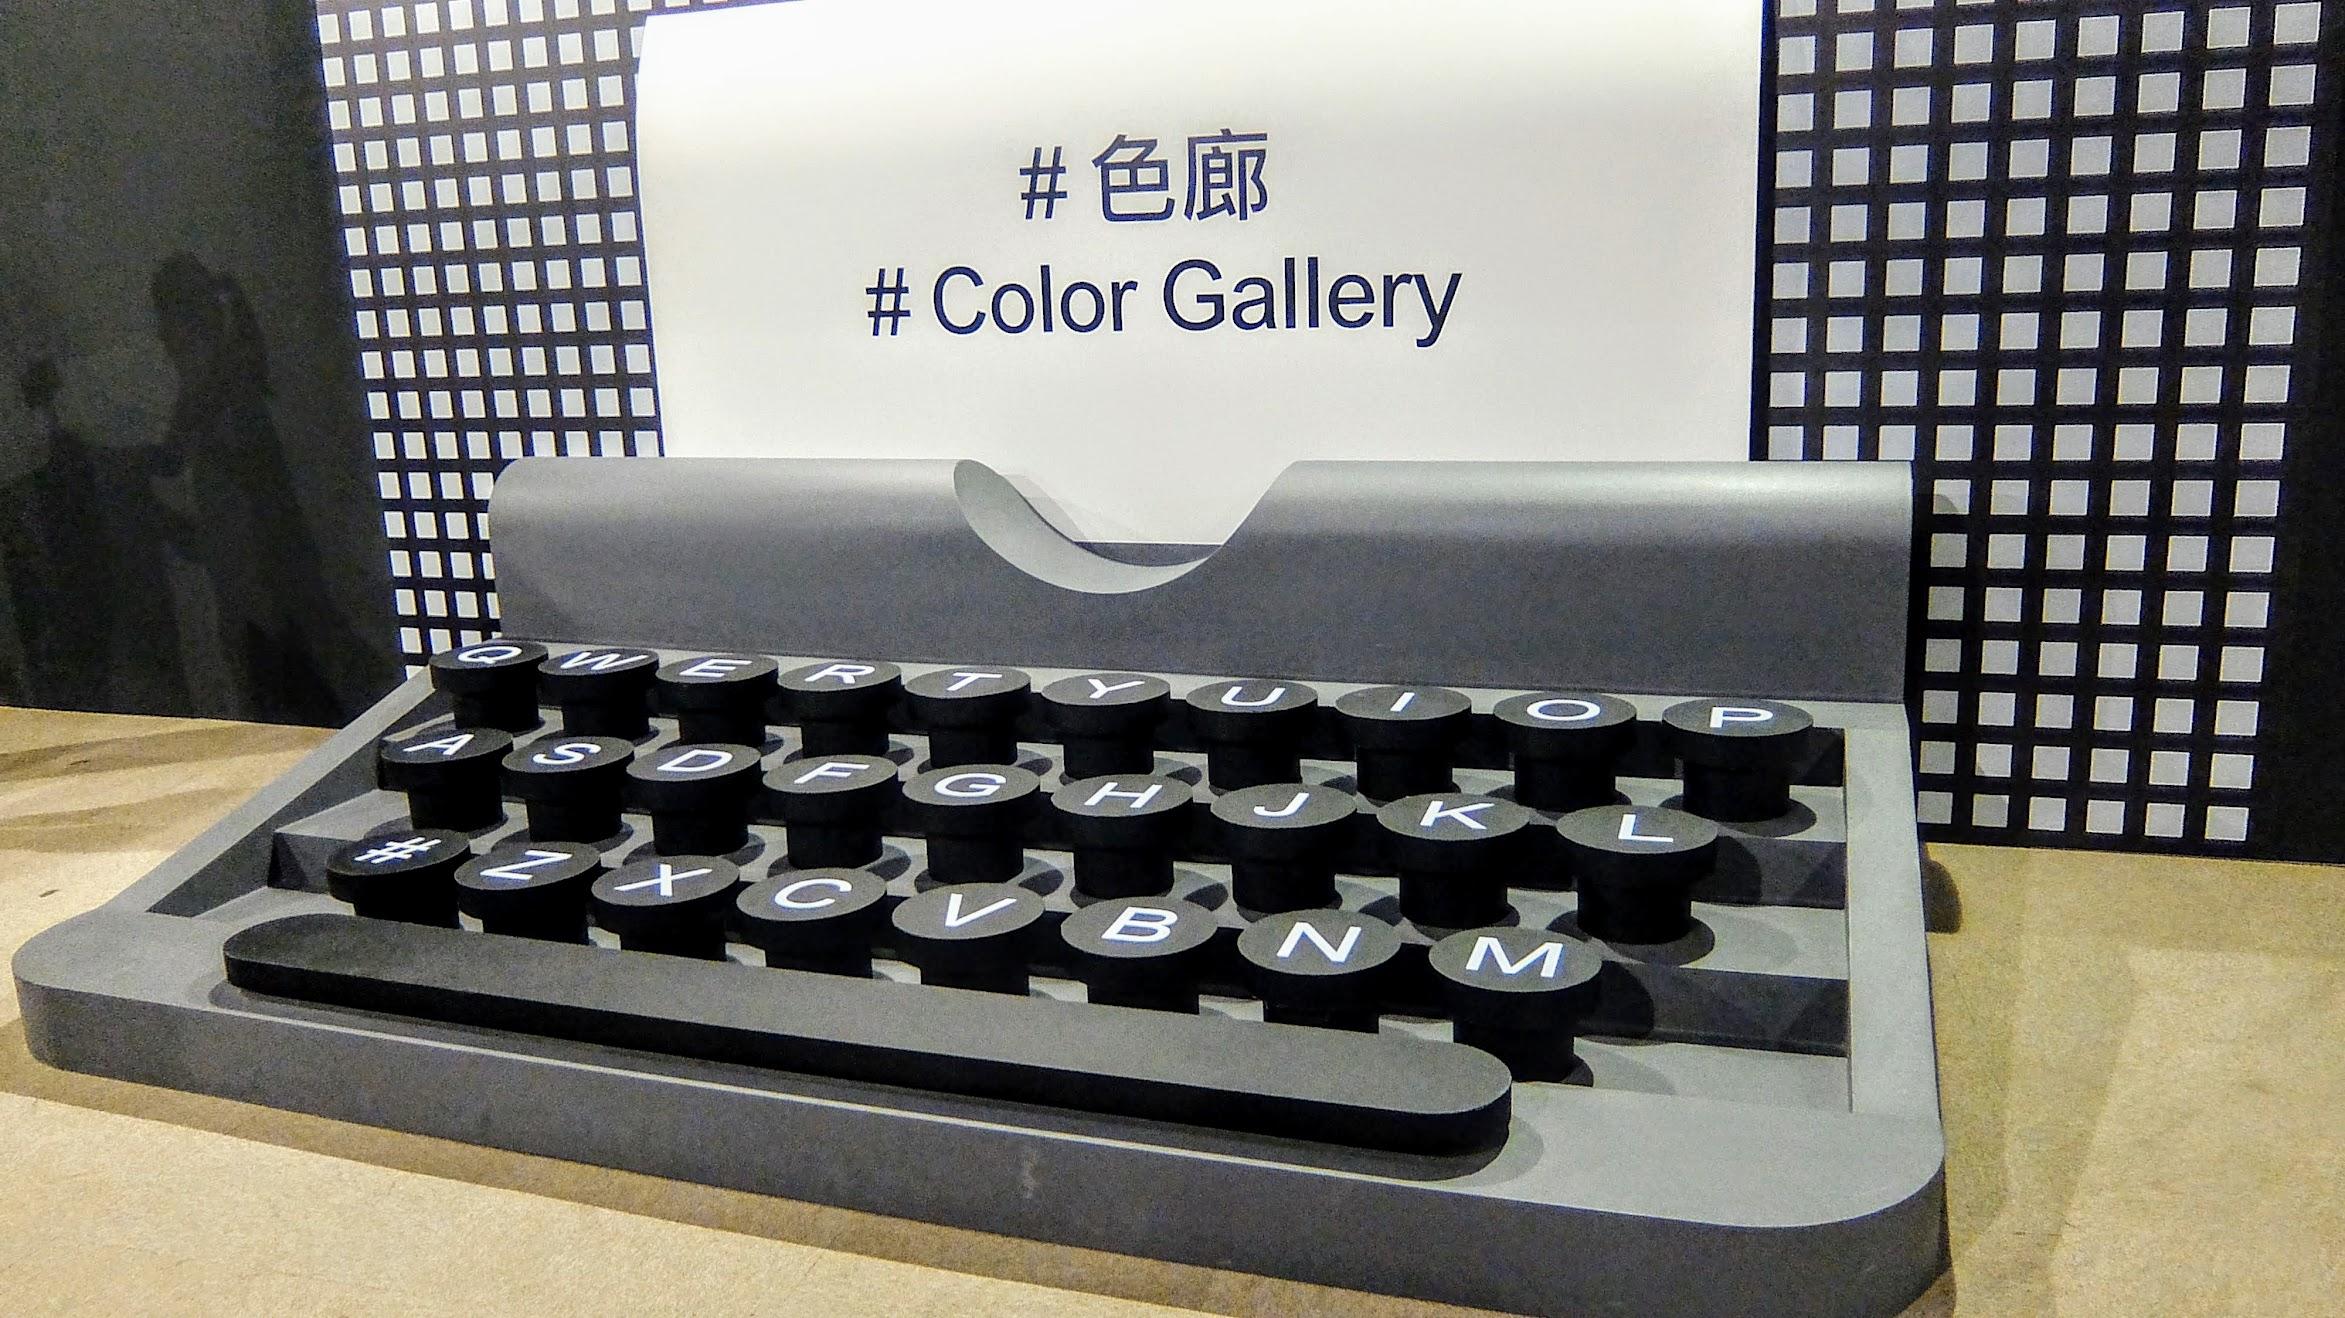 第六關,是辦公室用品,有打字機/杯子/橡皮擦等